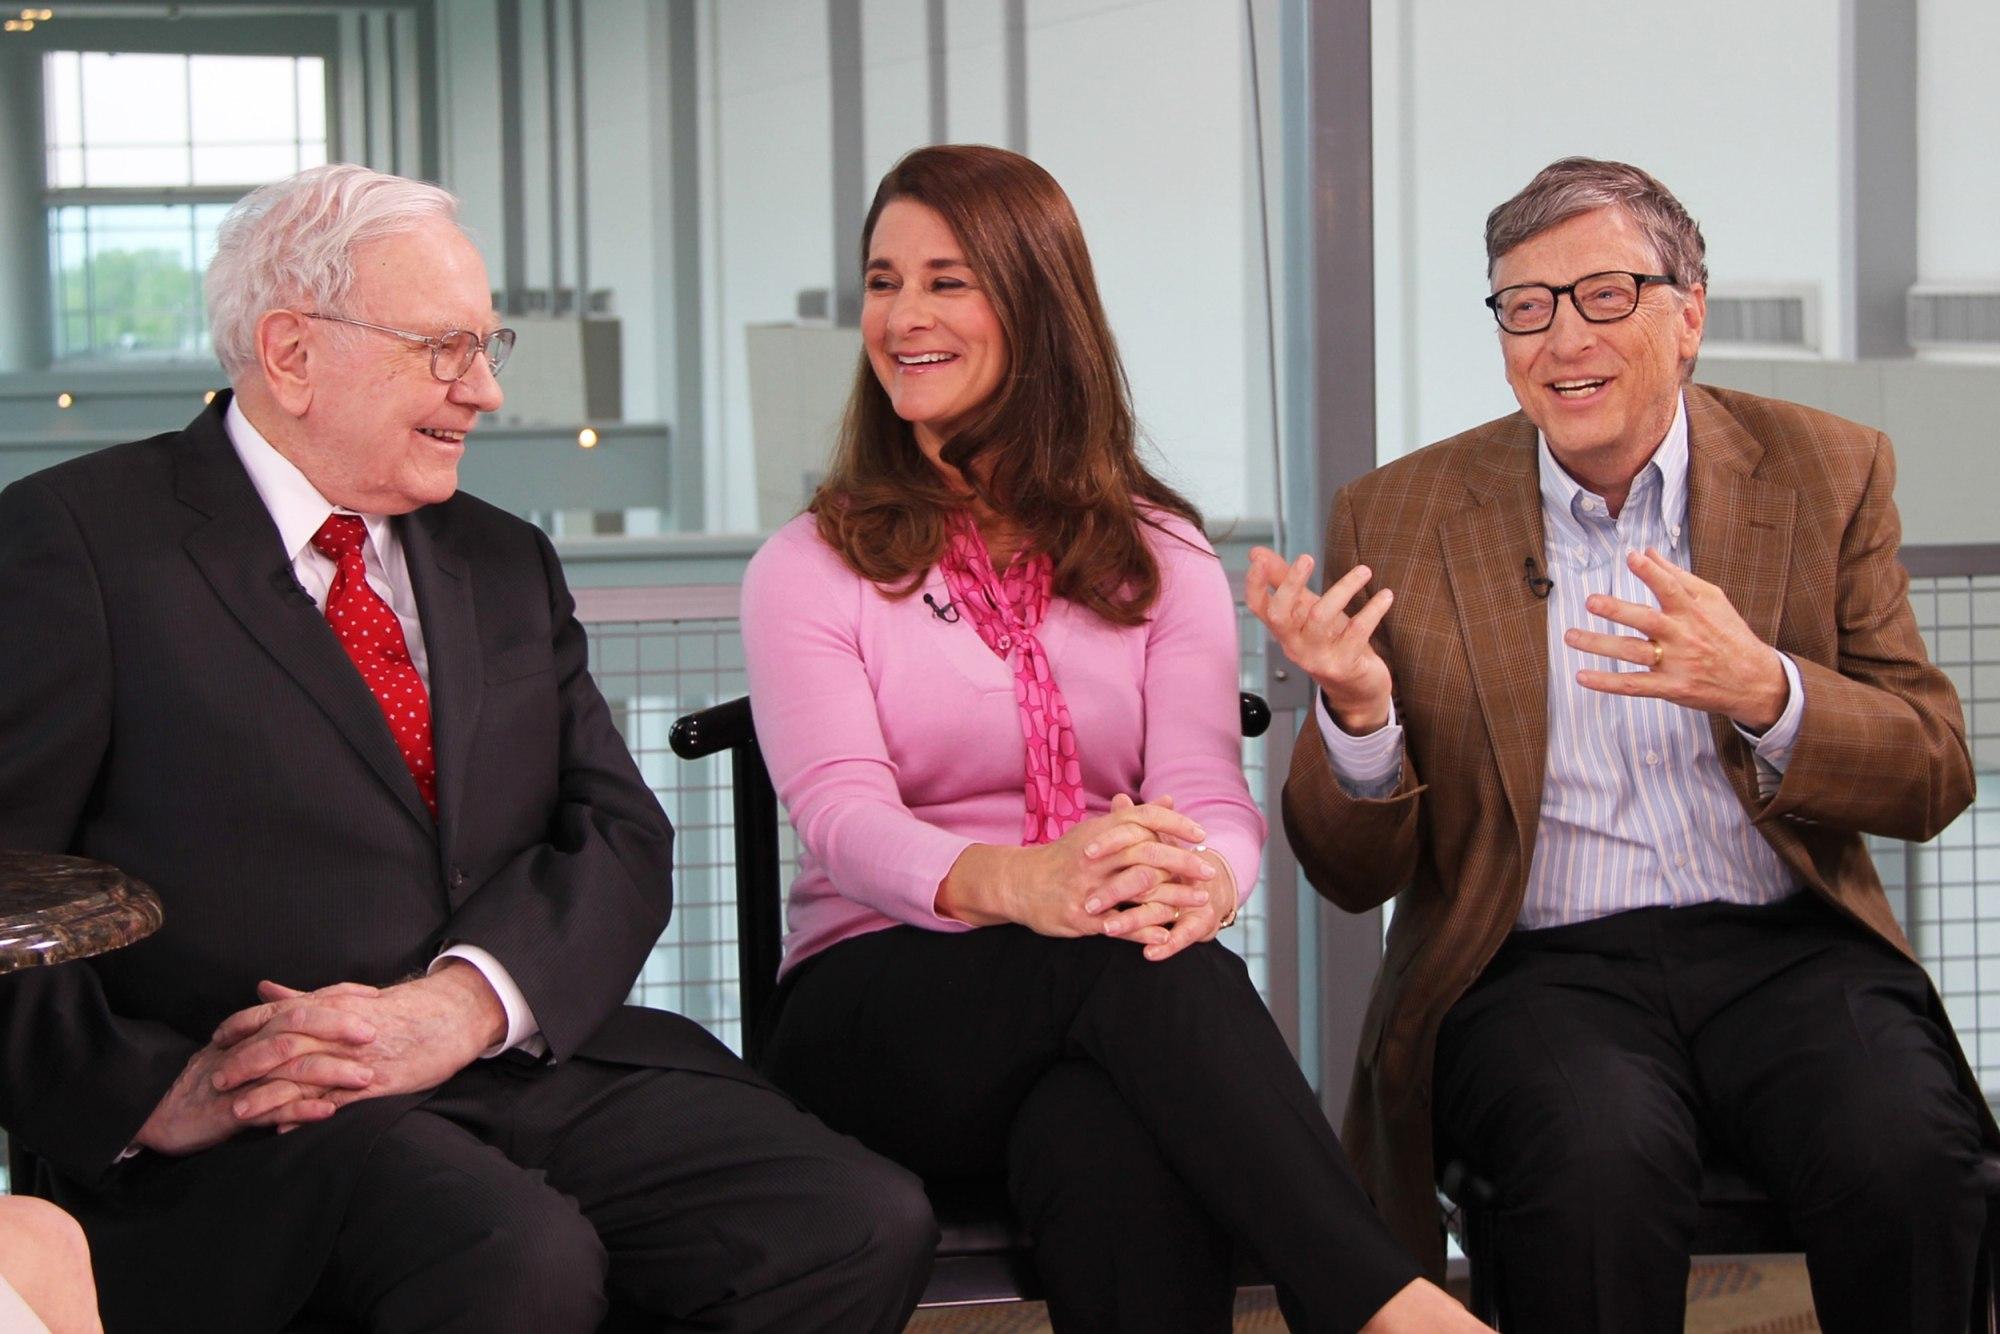 Ông Warren Buffett (trái) cùng vợ chồng Bill và Melinda Gates trong một cuộc phỏng vấn trên truyền hình năm 2015 - Ảnh: Lacy O'Toole/CNBC/Getty Images